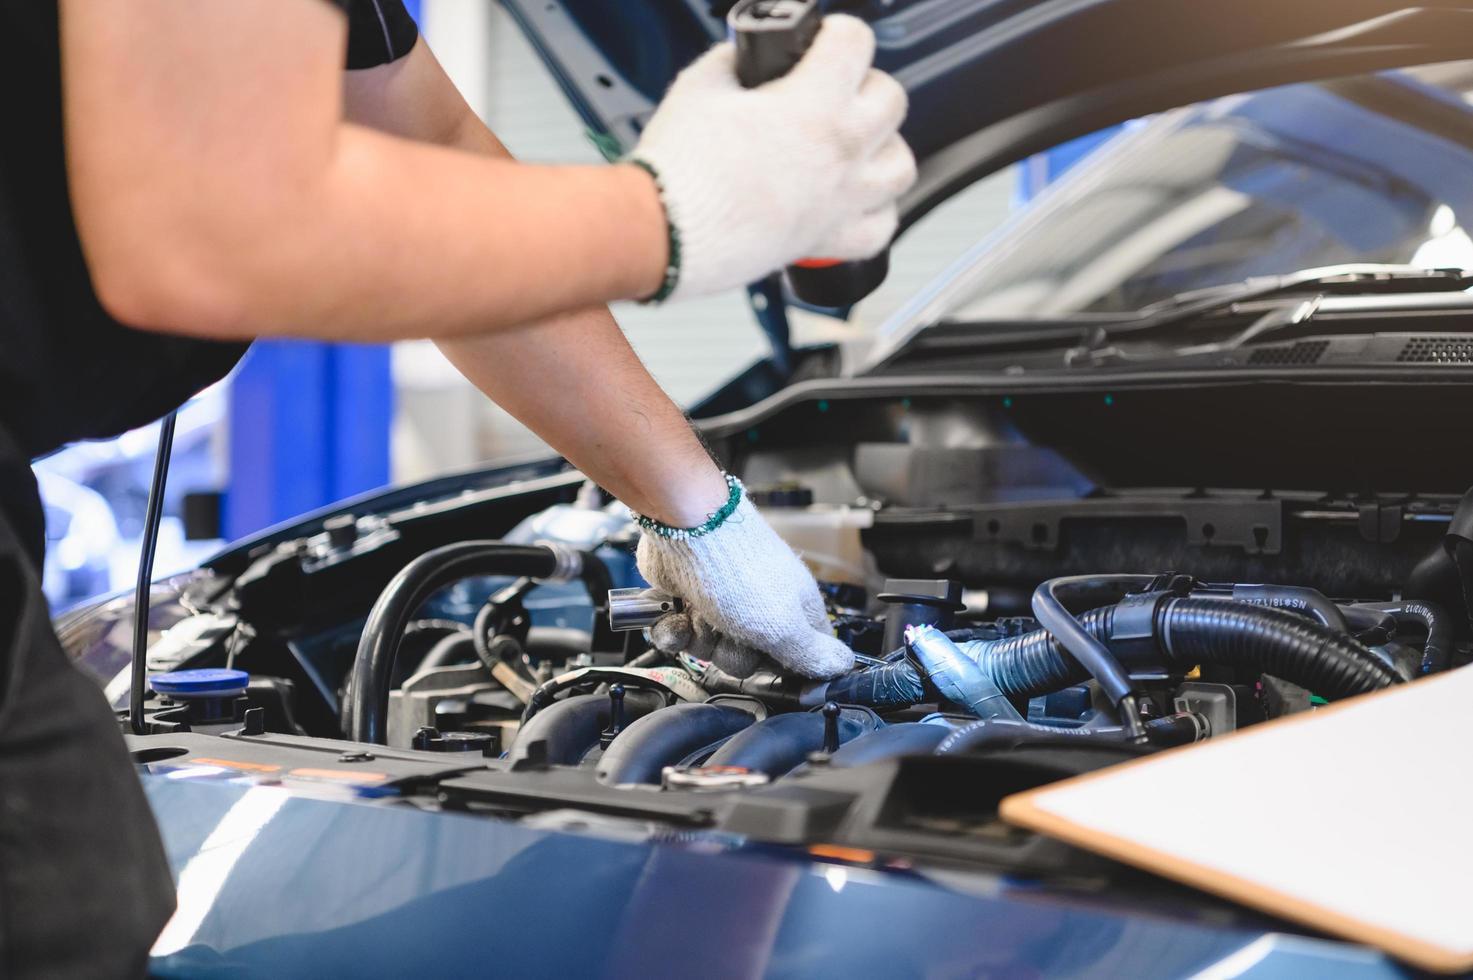 männlicher Mechaniker hält Taschenlampe, um Auto zu untersuchen foto